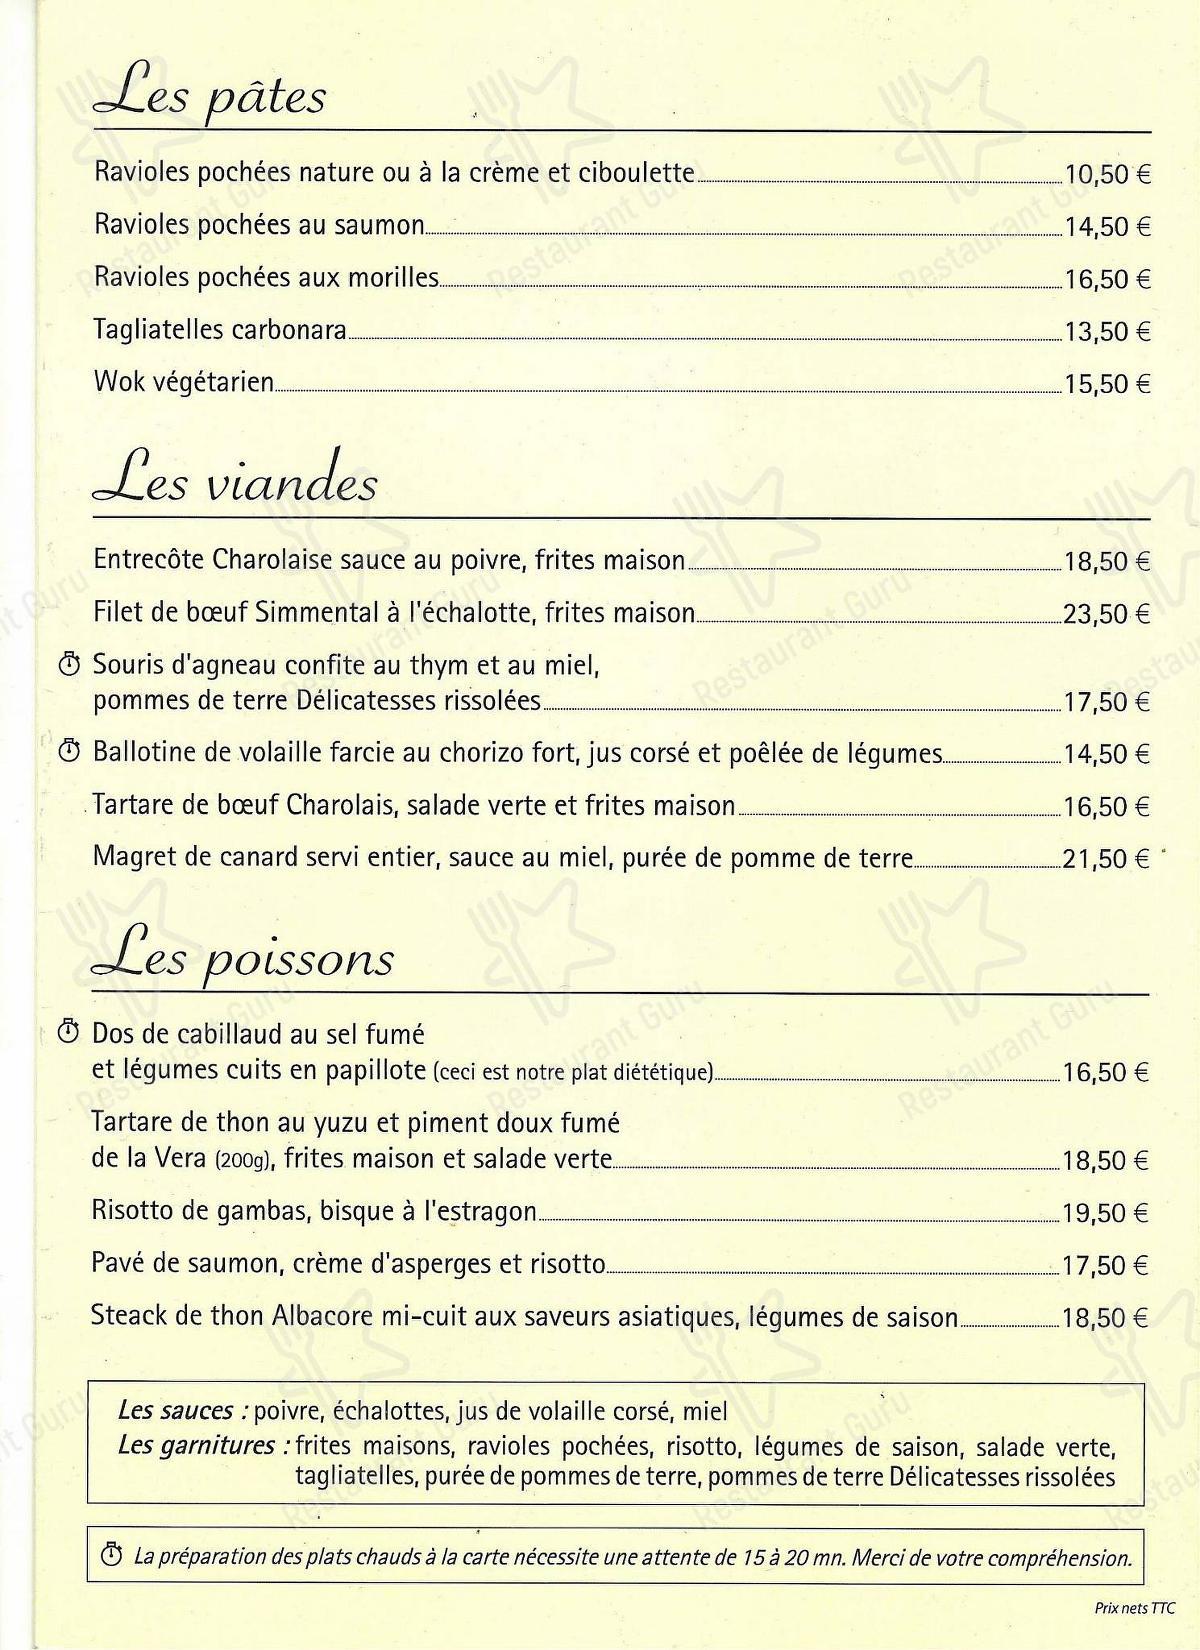 Carta de La Cuisine restaurante